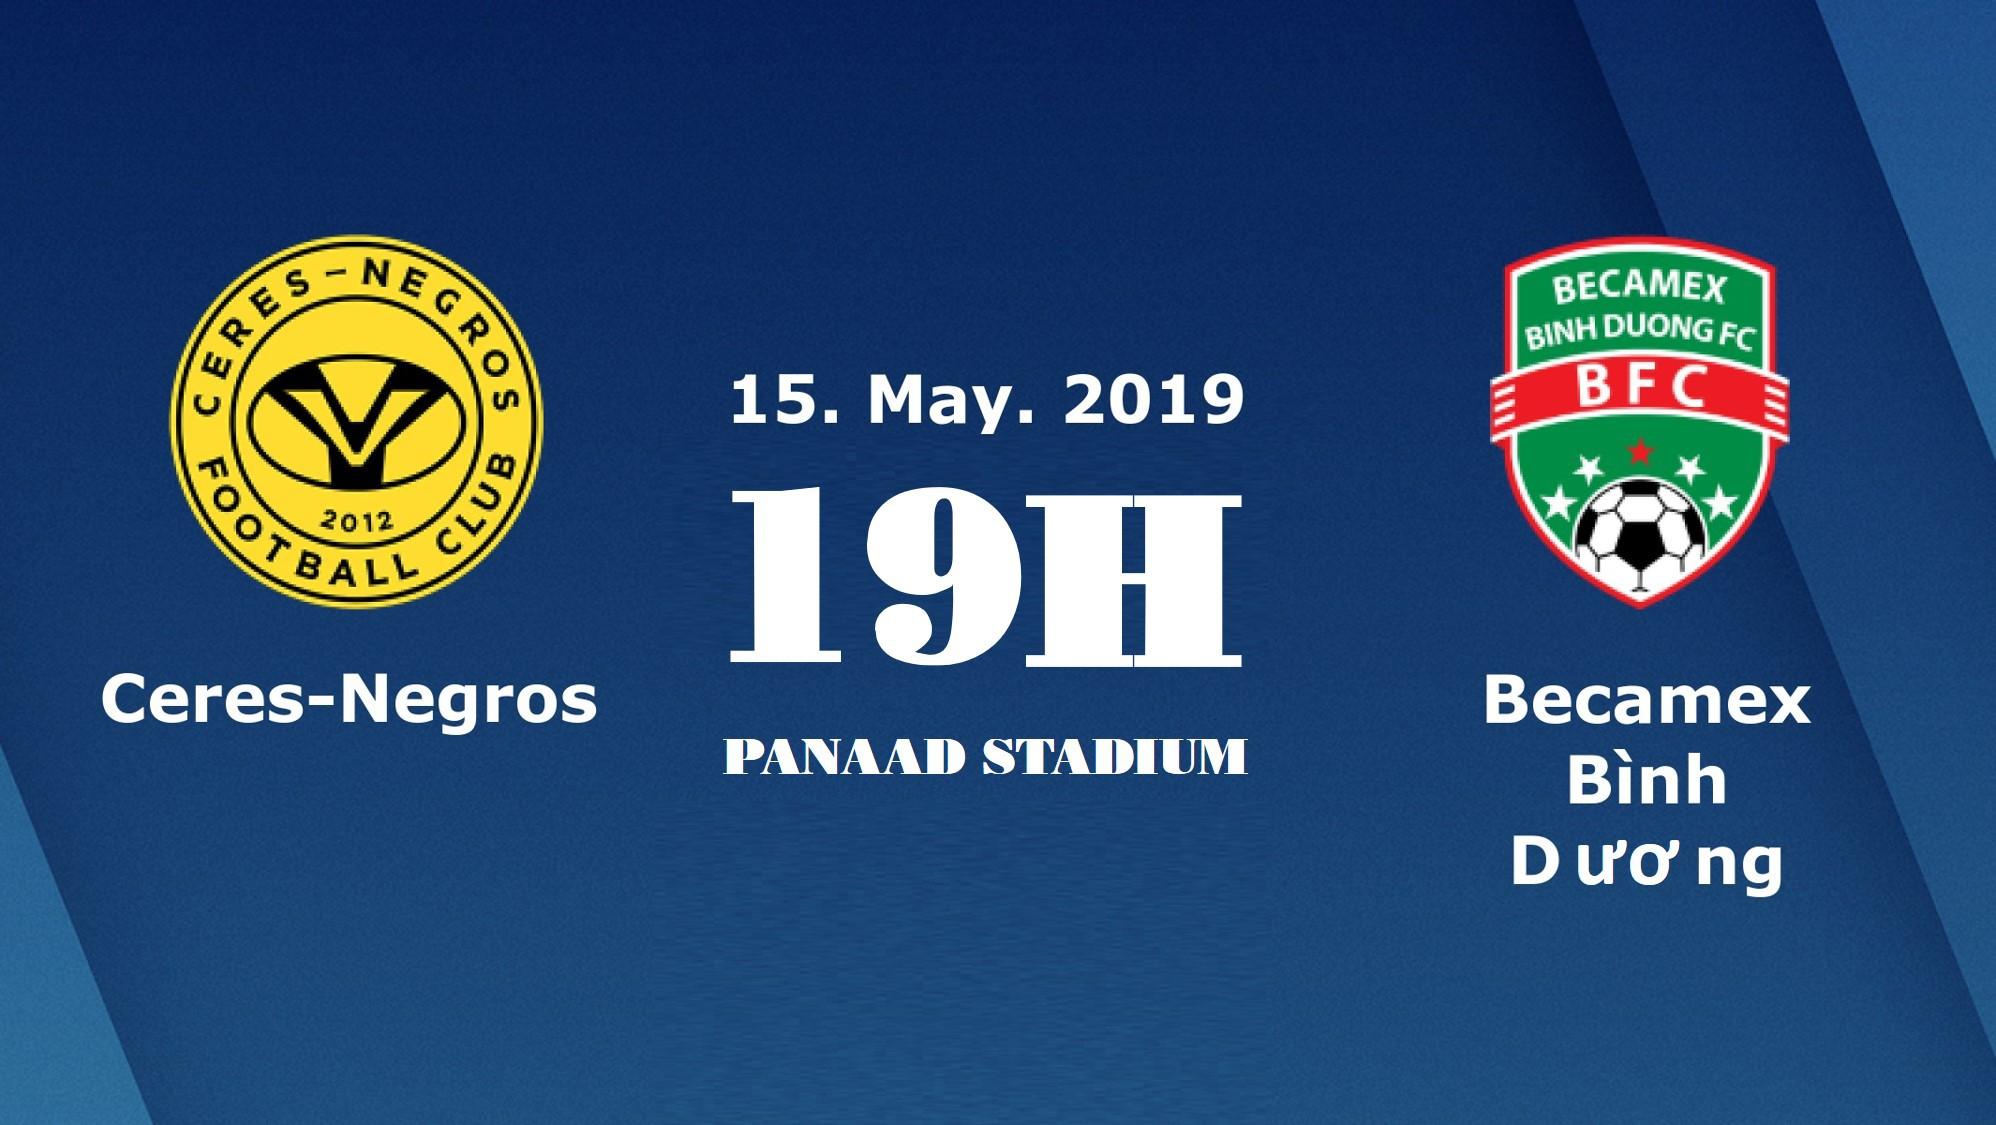 Nhận định Ceres Negros vs Bình Dương (19h00, 15/5) vòng 6 AFC Cup 2019: Thắng để lách cửa hẹp - Ảnh 1.